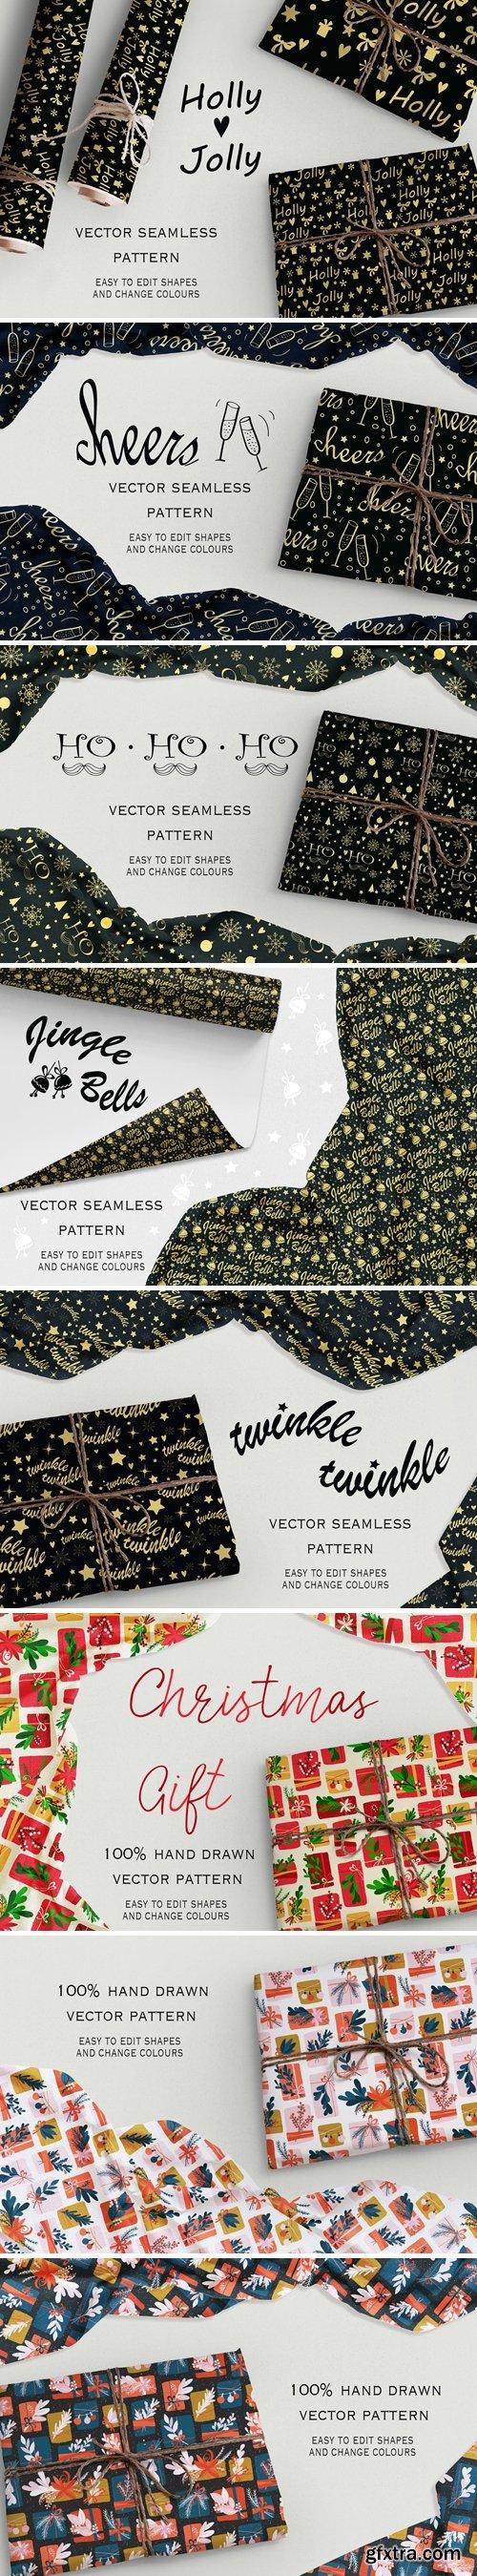 seamless pattern Bundle